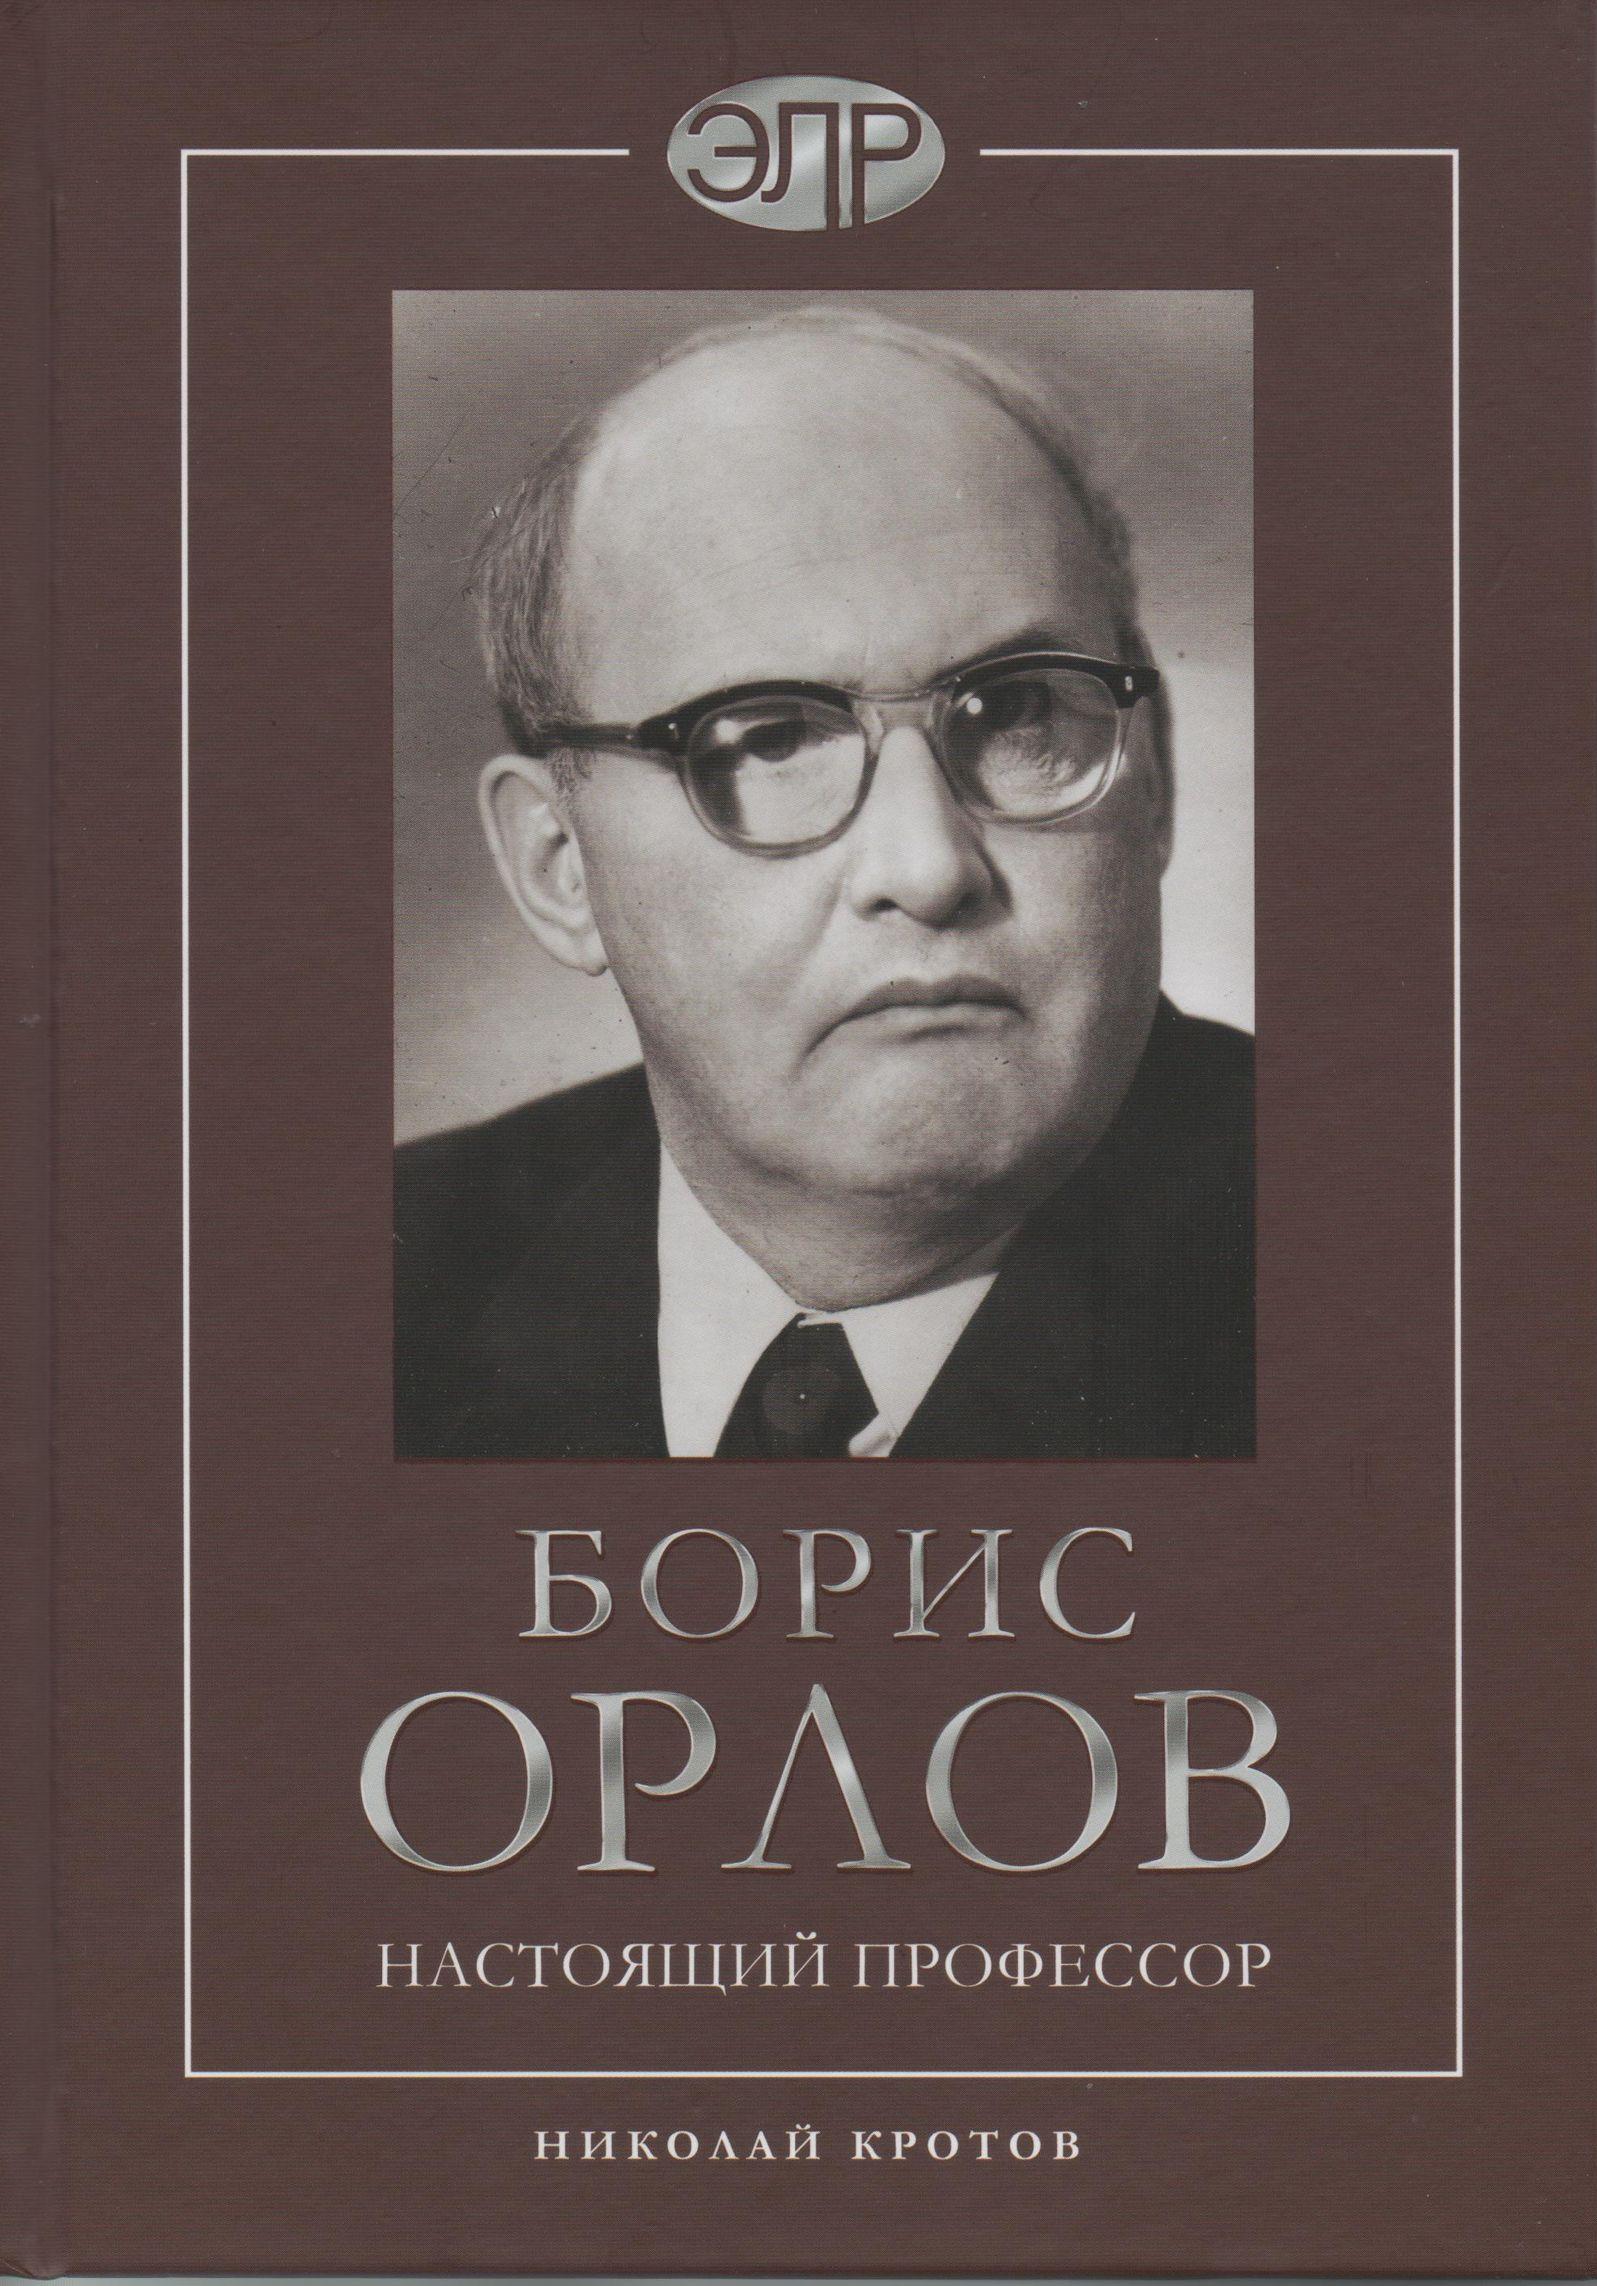 КБМ выпустило книгу к 100-летию со дня рождения Б.В. Орлова